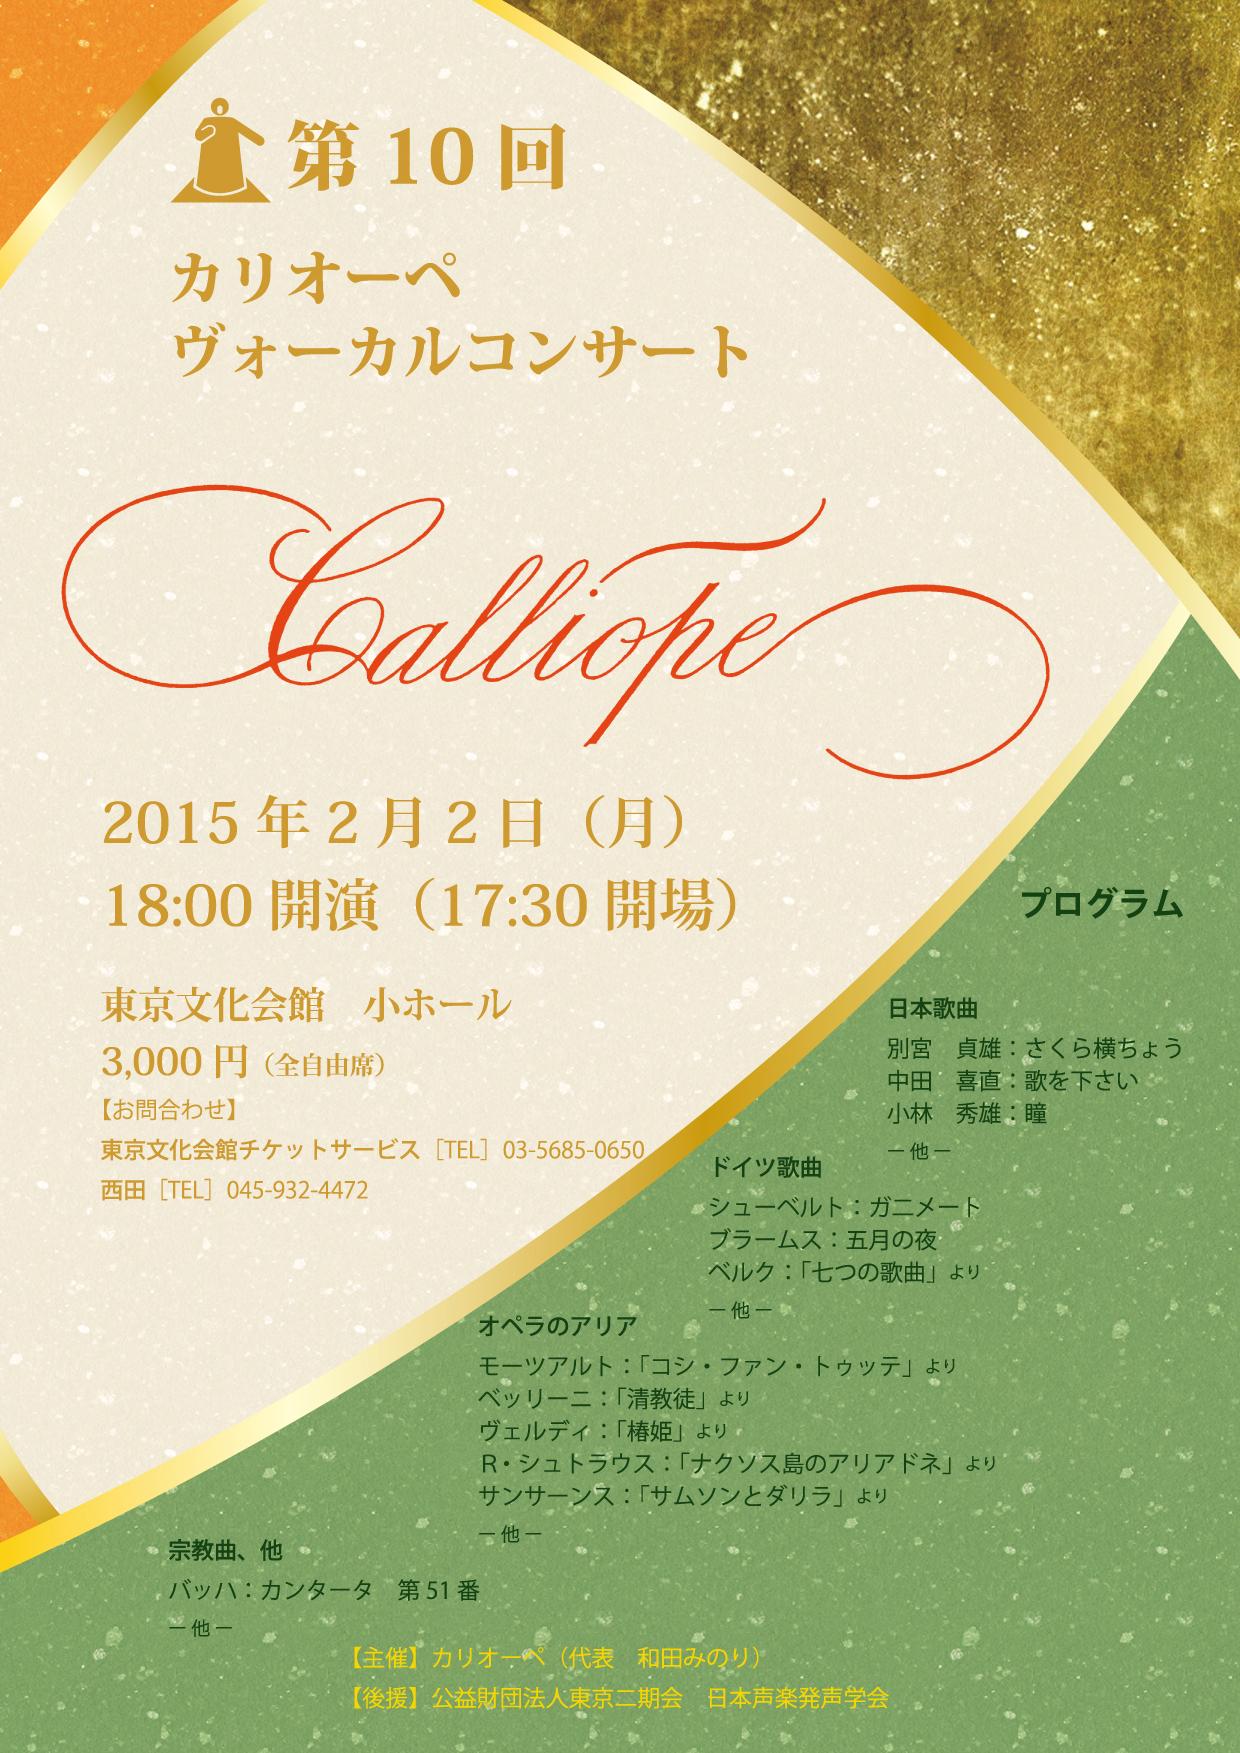 calliope_flyer_s